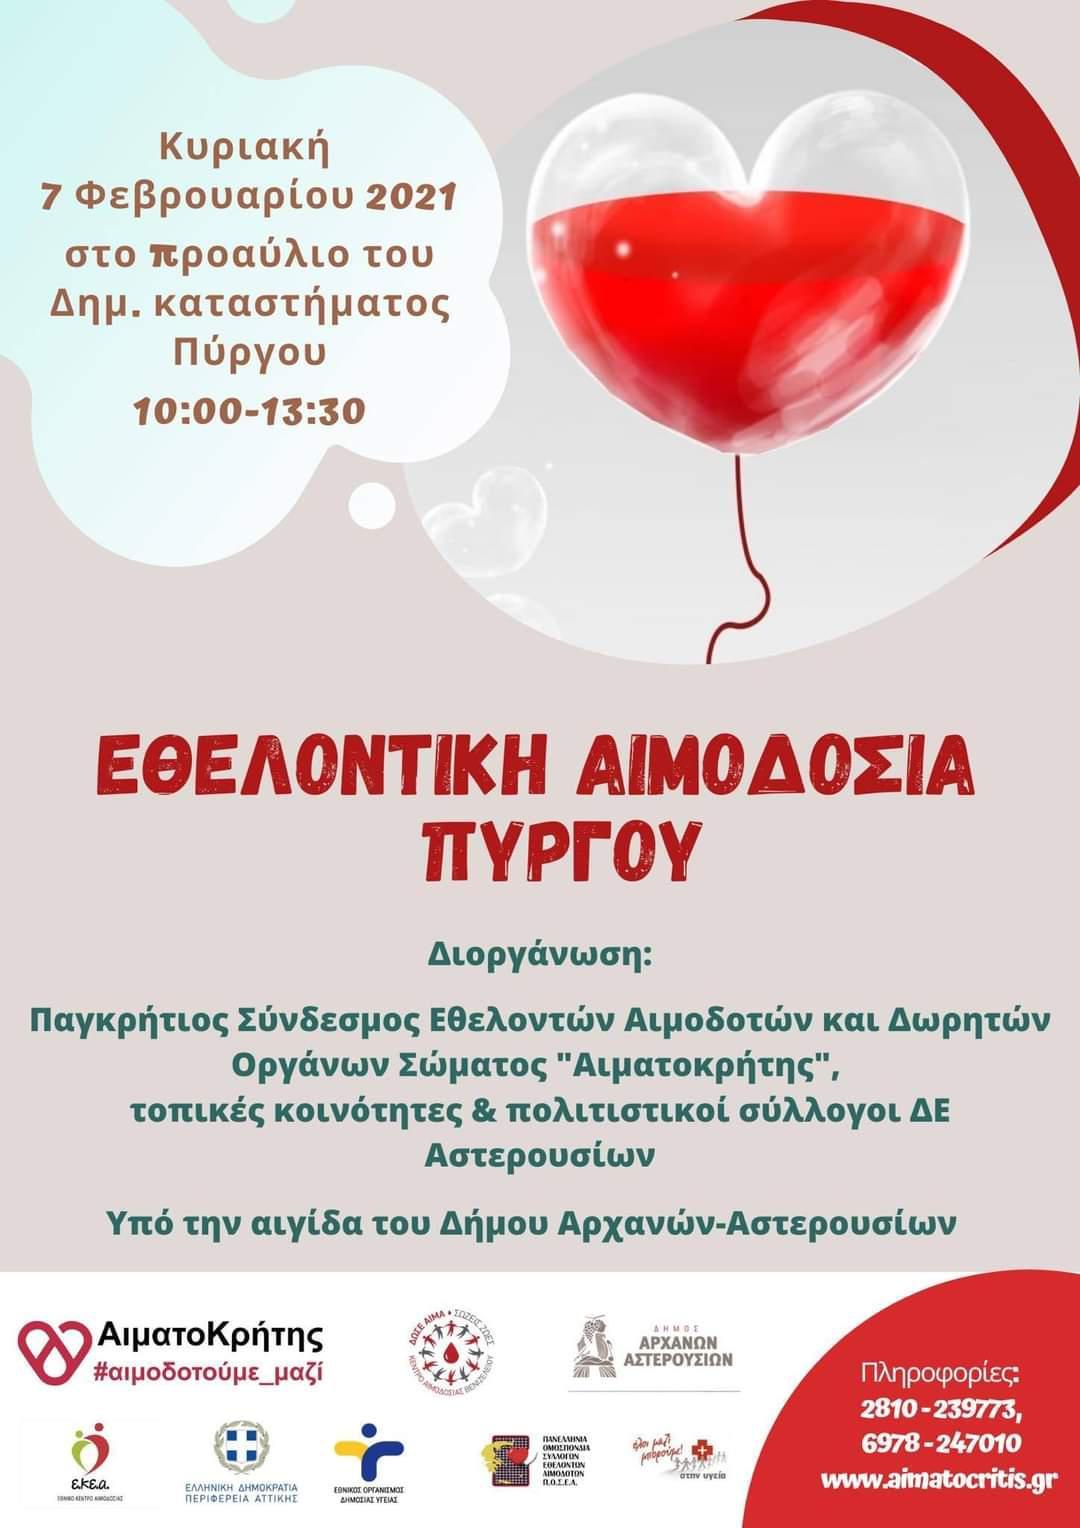 Εθελοντική αιμοδοσία την Κυριακή 7 Φεβρουαρίου στον Πύργο Μονοφατσίου